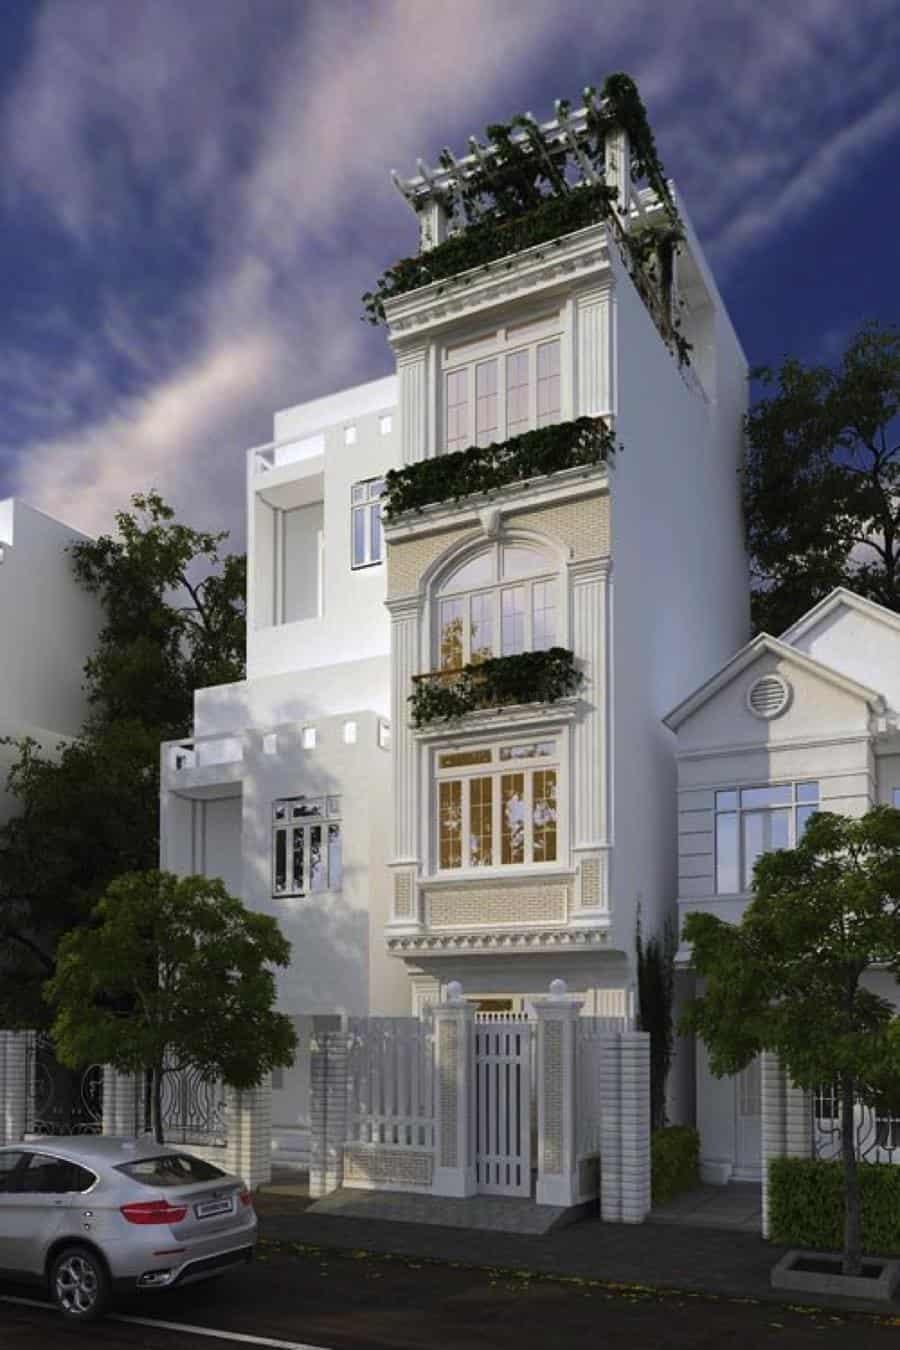 Top 25+ Mẫu Thiết Kế Nhà Phong Cách Luxury Đẹp Ngất Ngây -  - Mẫu thiết kế nội thất đẹp | thiết kế nhà phong cách luxury 97